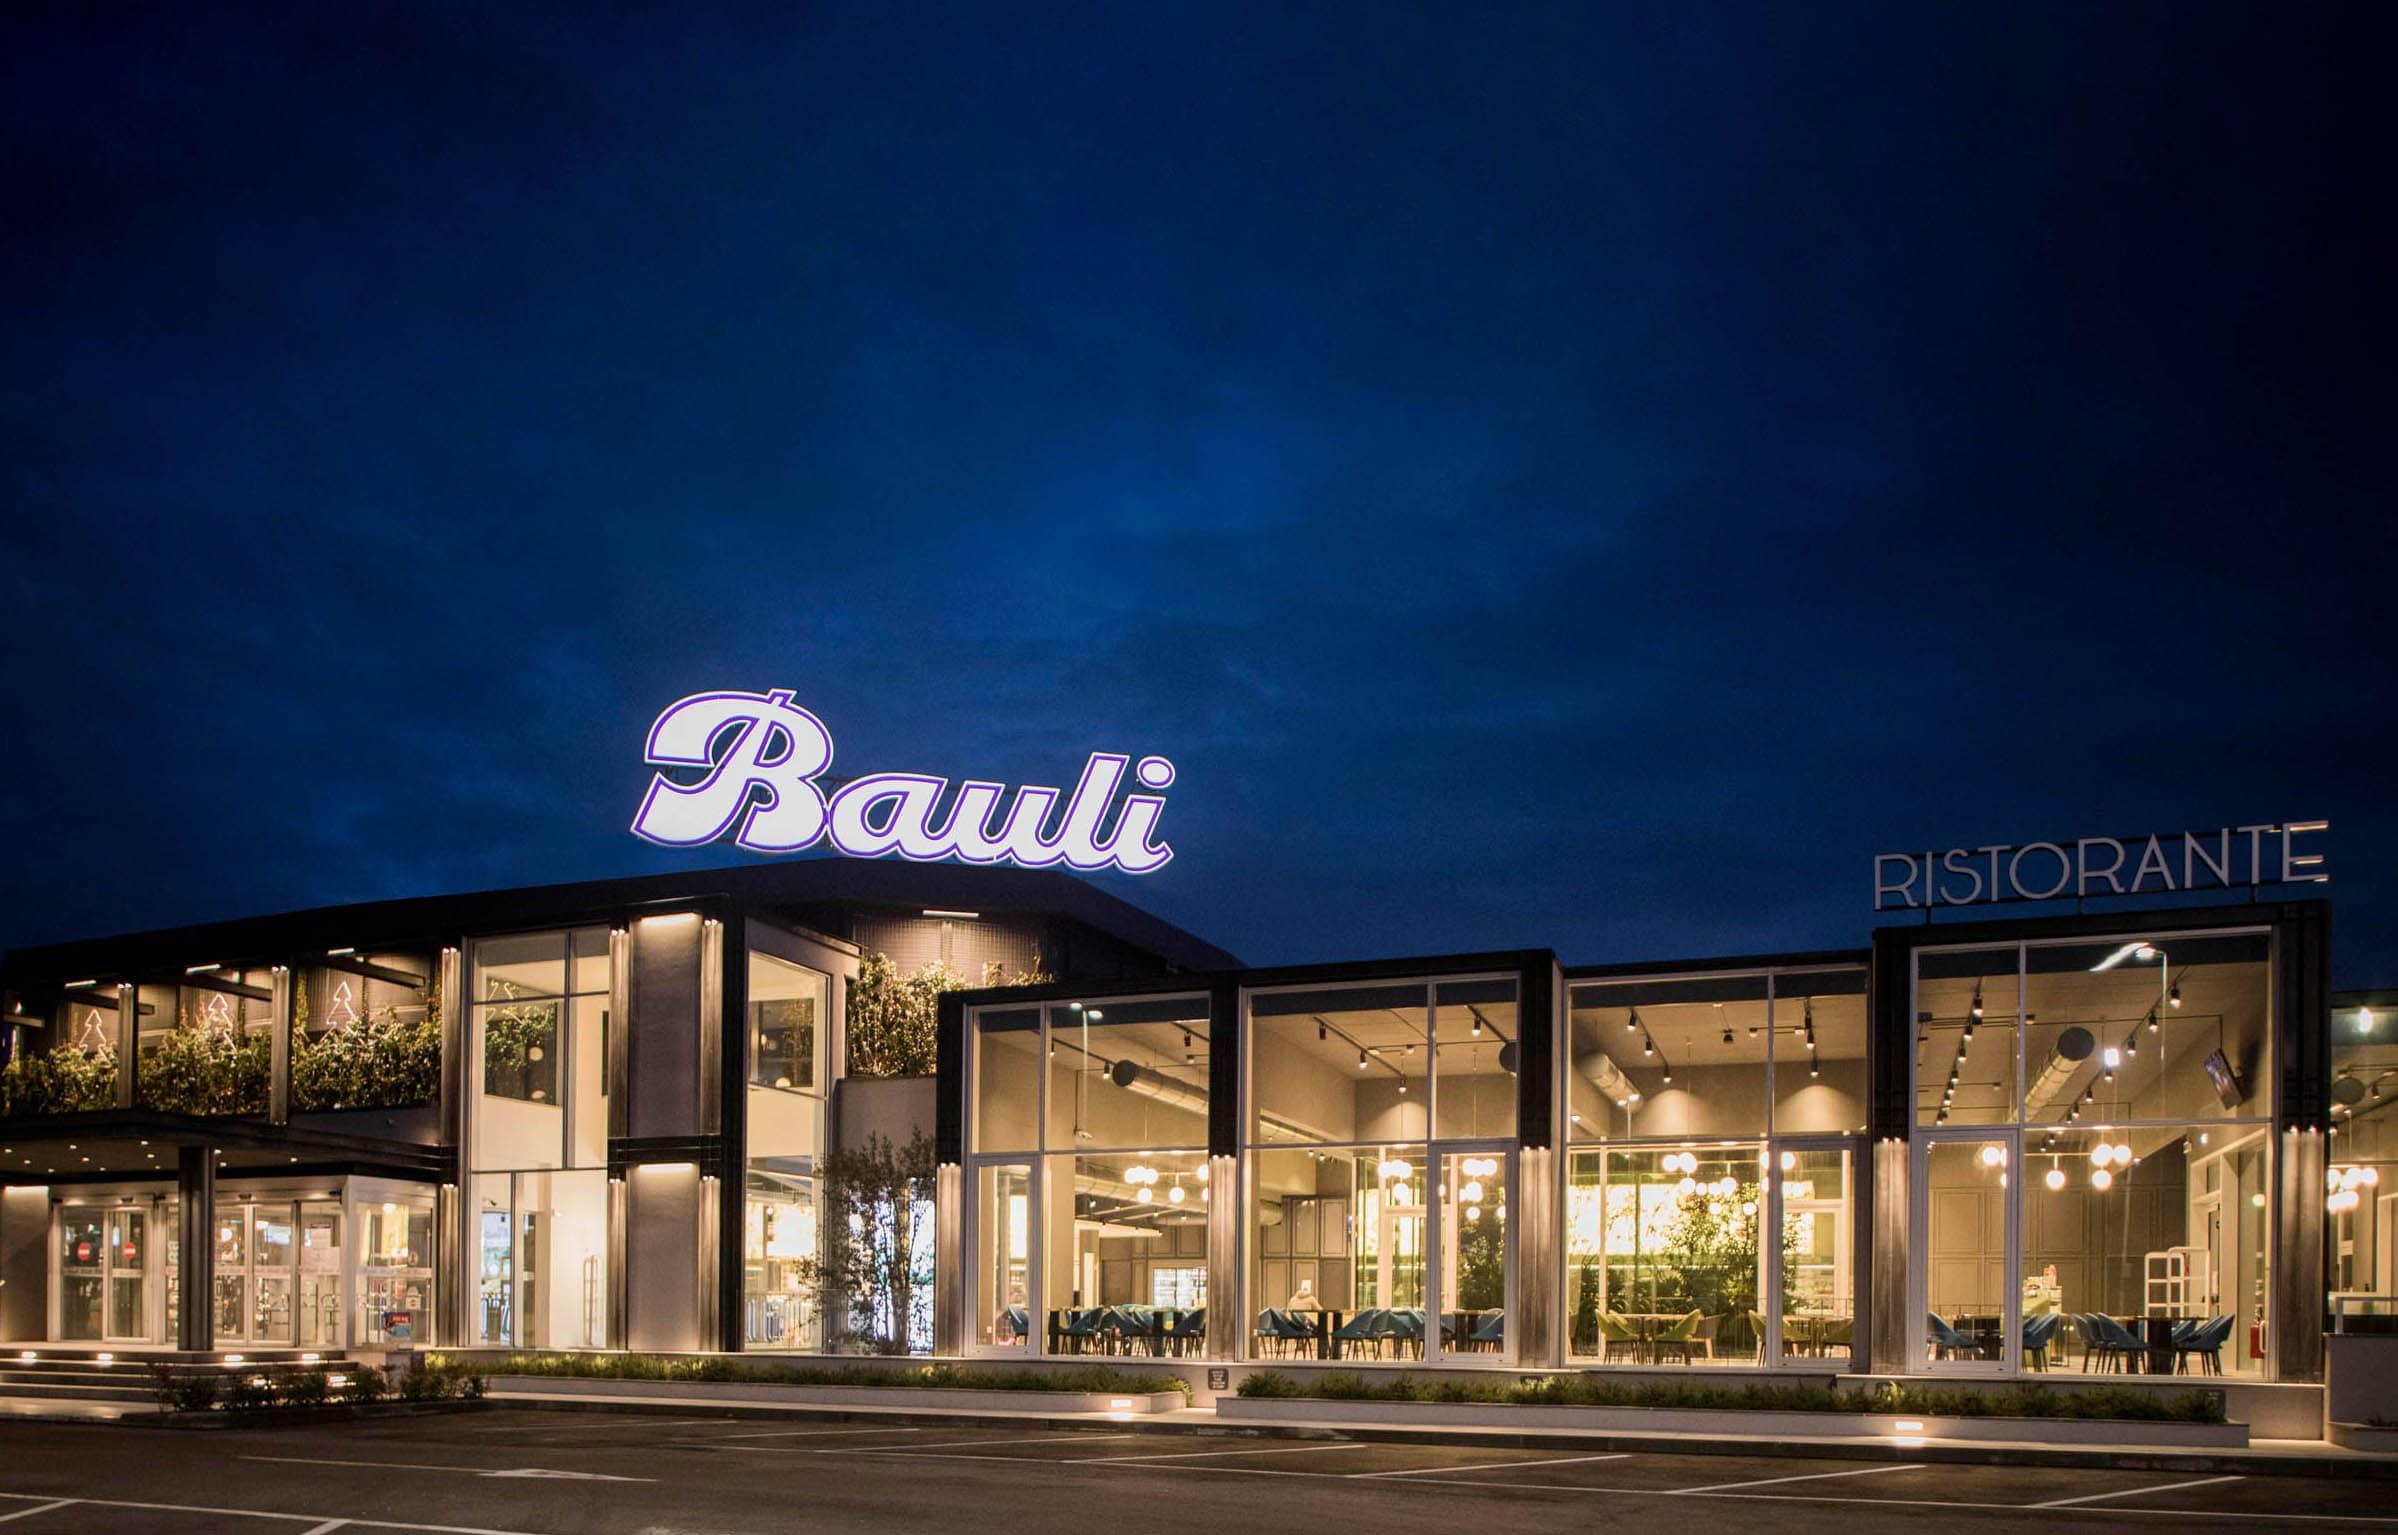 OLEV_esterno_ristorante_bauli (2)illuminazione_ristorante_verona_autostrada